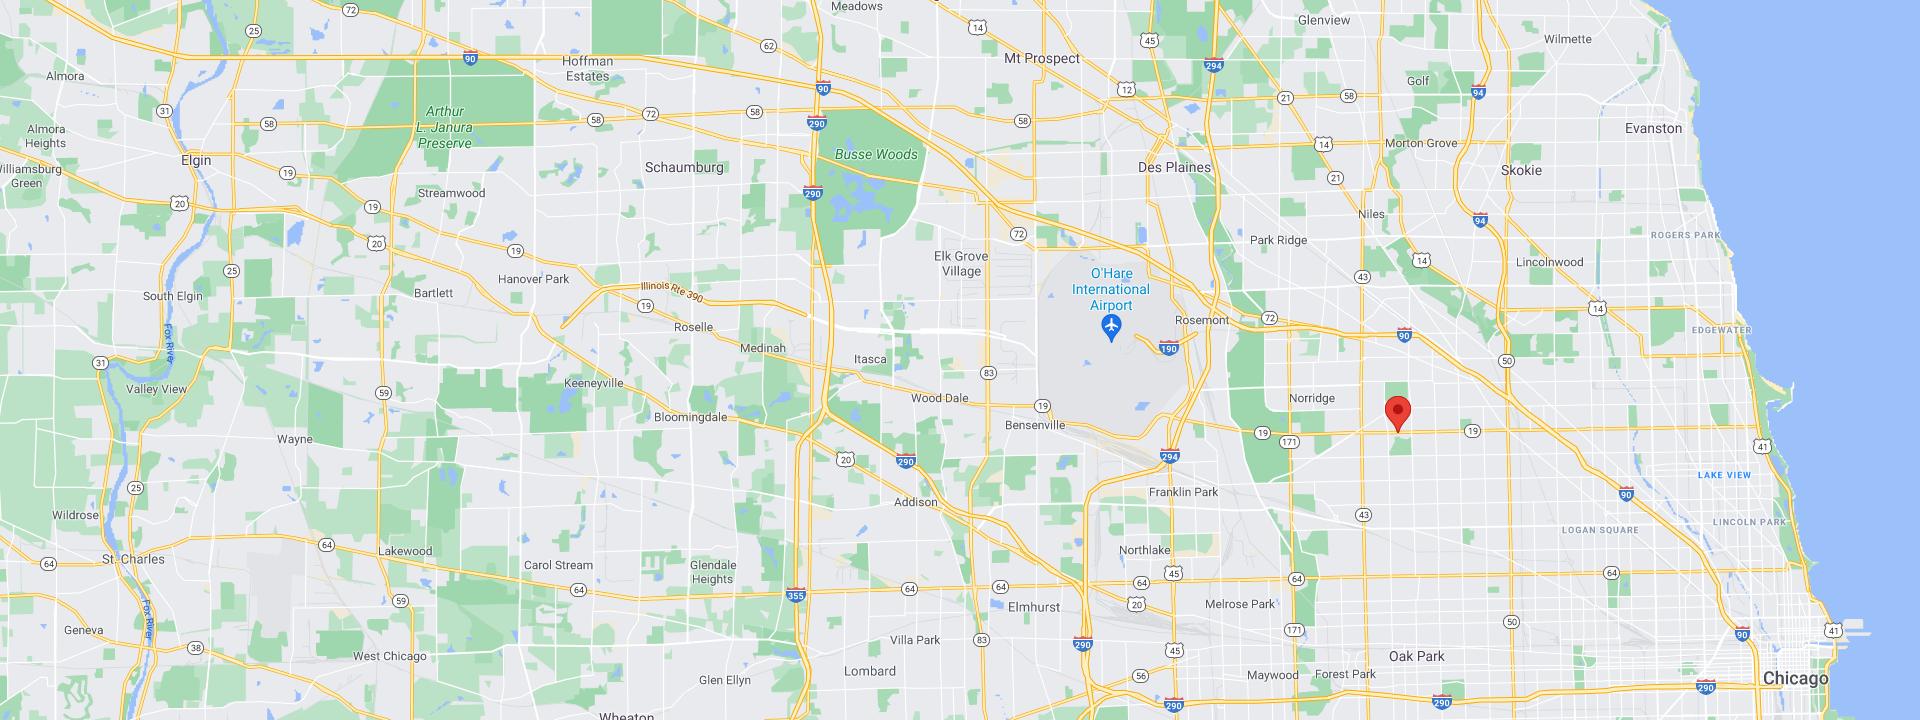 Superior Nut Chicago Map